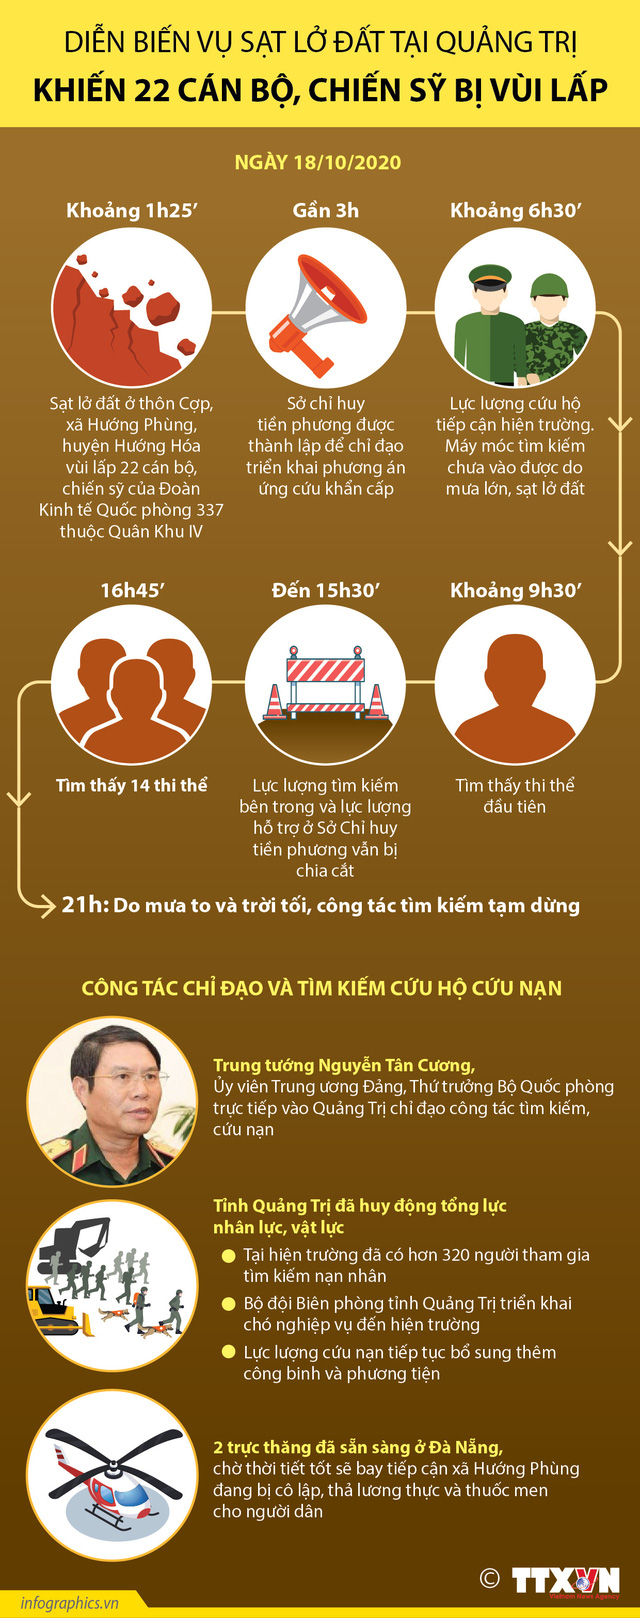 [INFOGRAPHIC] Diễn biến vụ sạt lở đất tại Quảng Trị khiến 22 cán bộ, chiến sĩ bị vùi lấp - Ảnh 1.